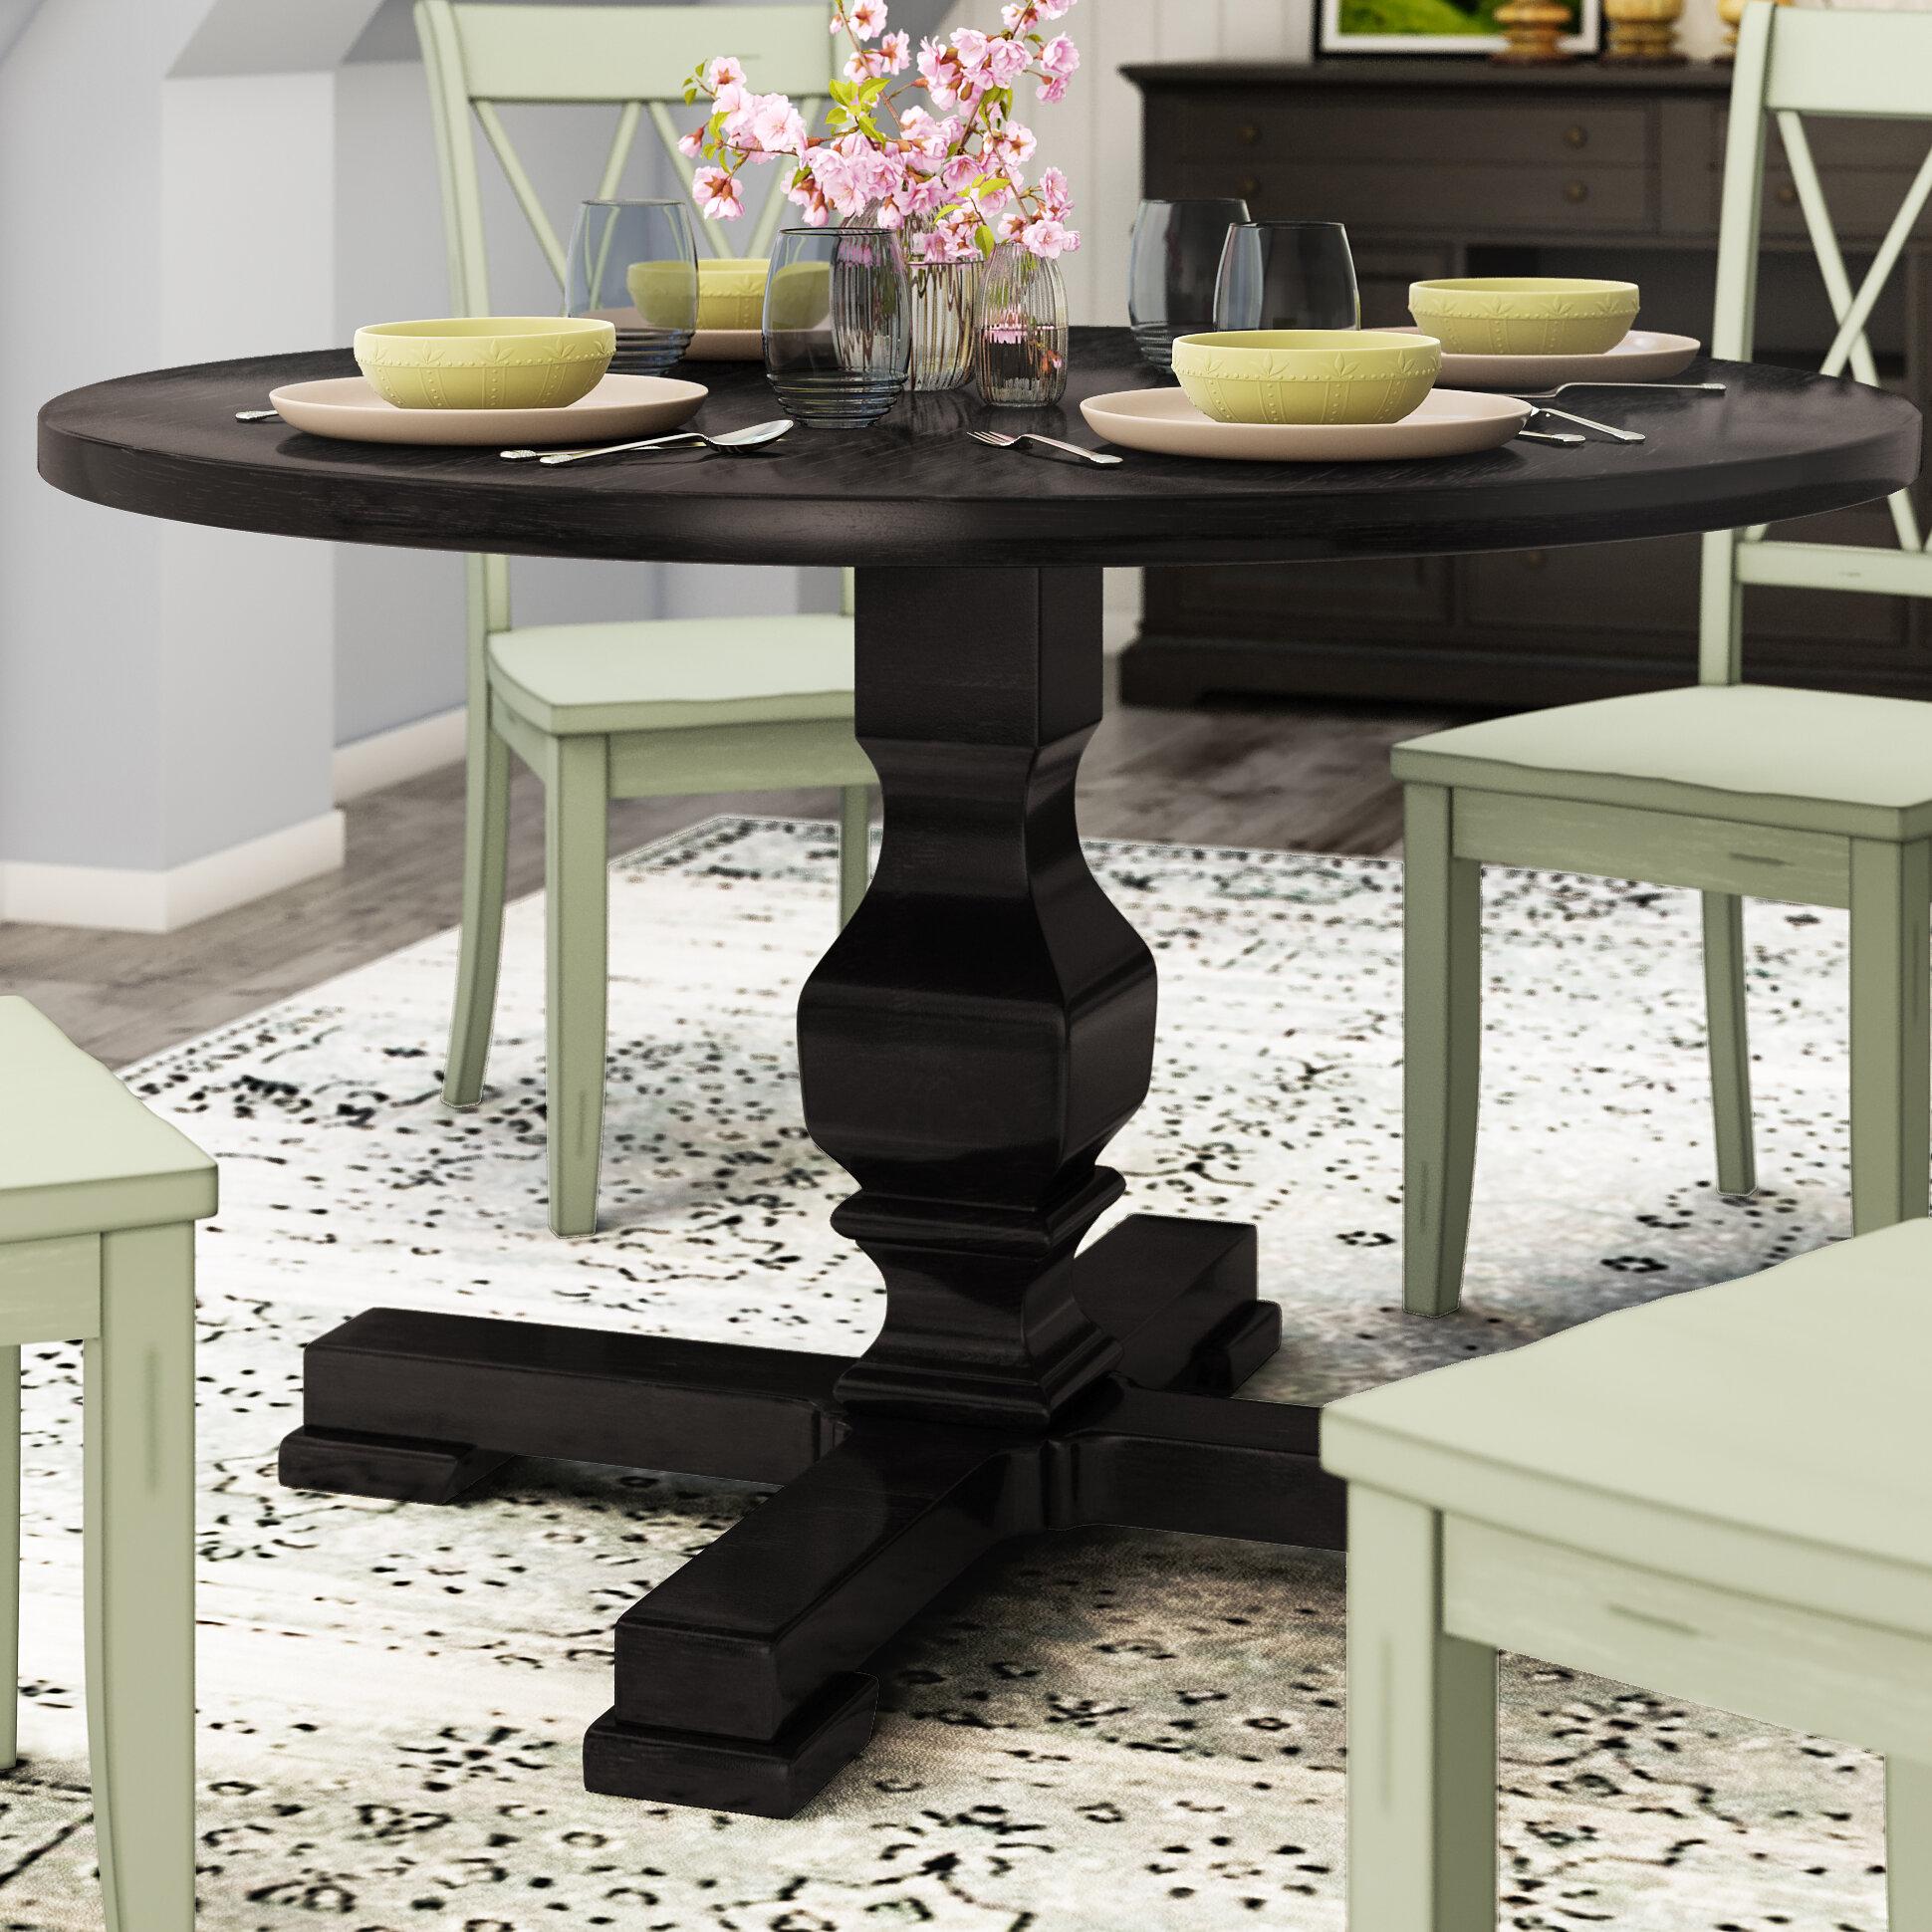 Gracie oaks bloomingdale round pedestal dining table reviews wayfair